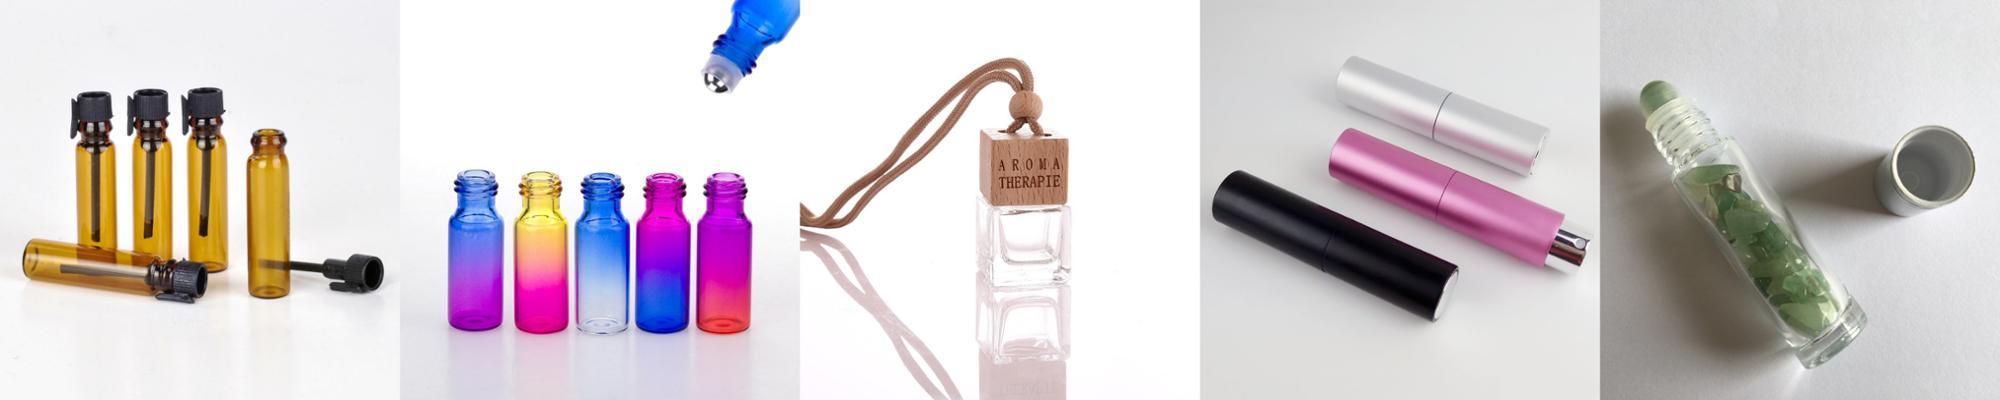 20 ミリリットル空のガラス香水 20 ミリリットル詰め替えボトルの装飾